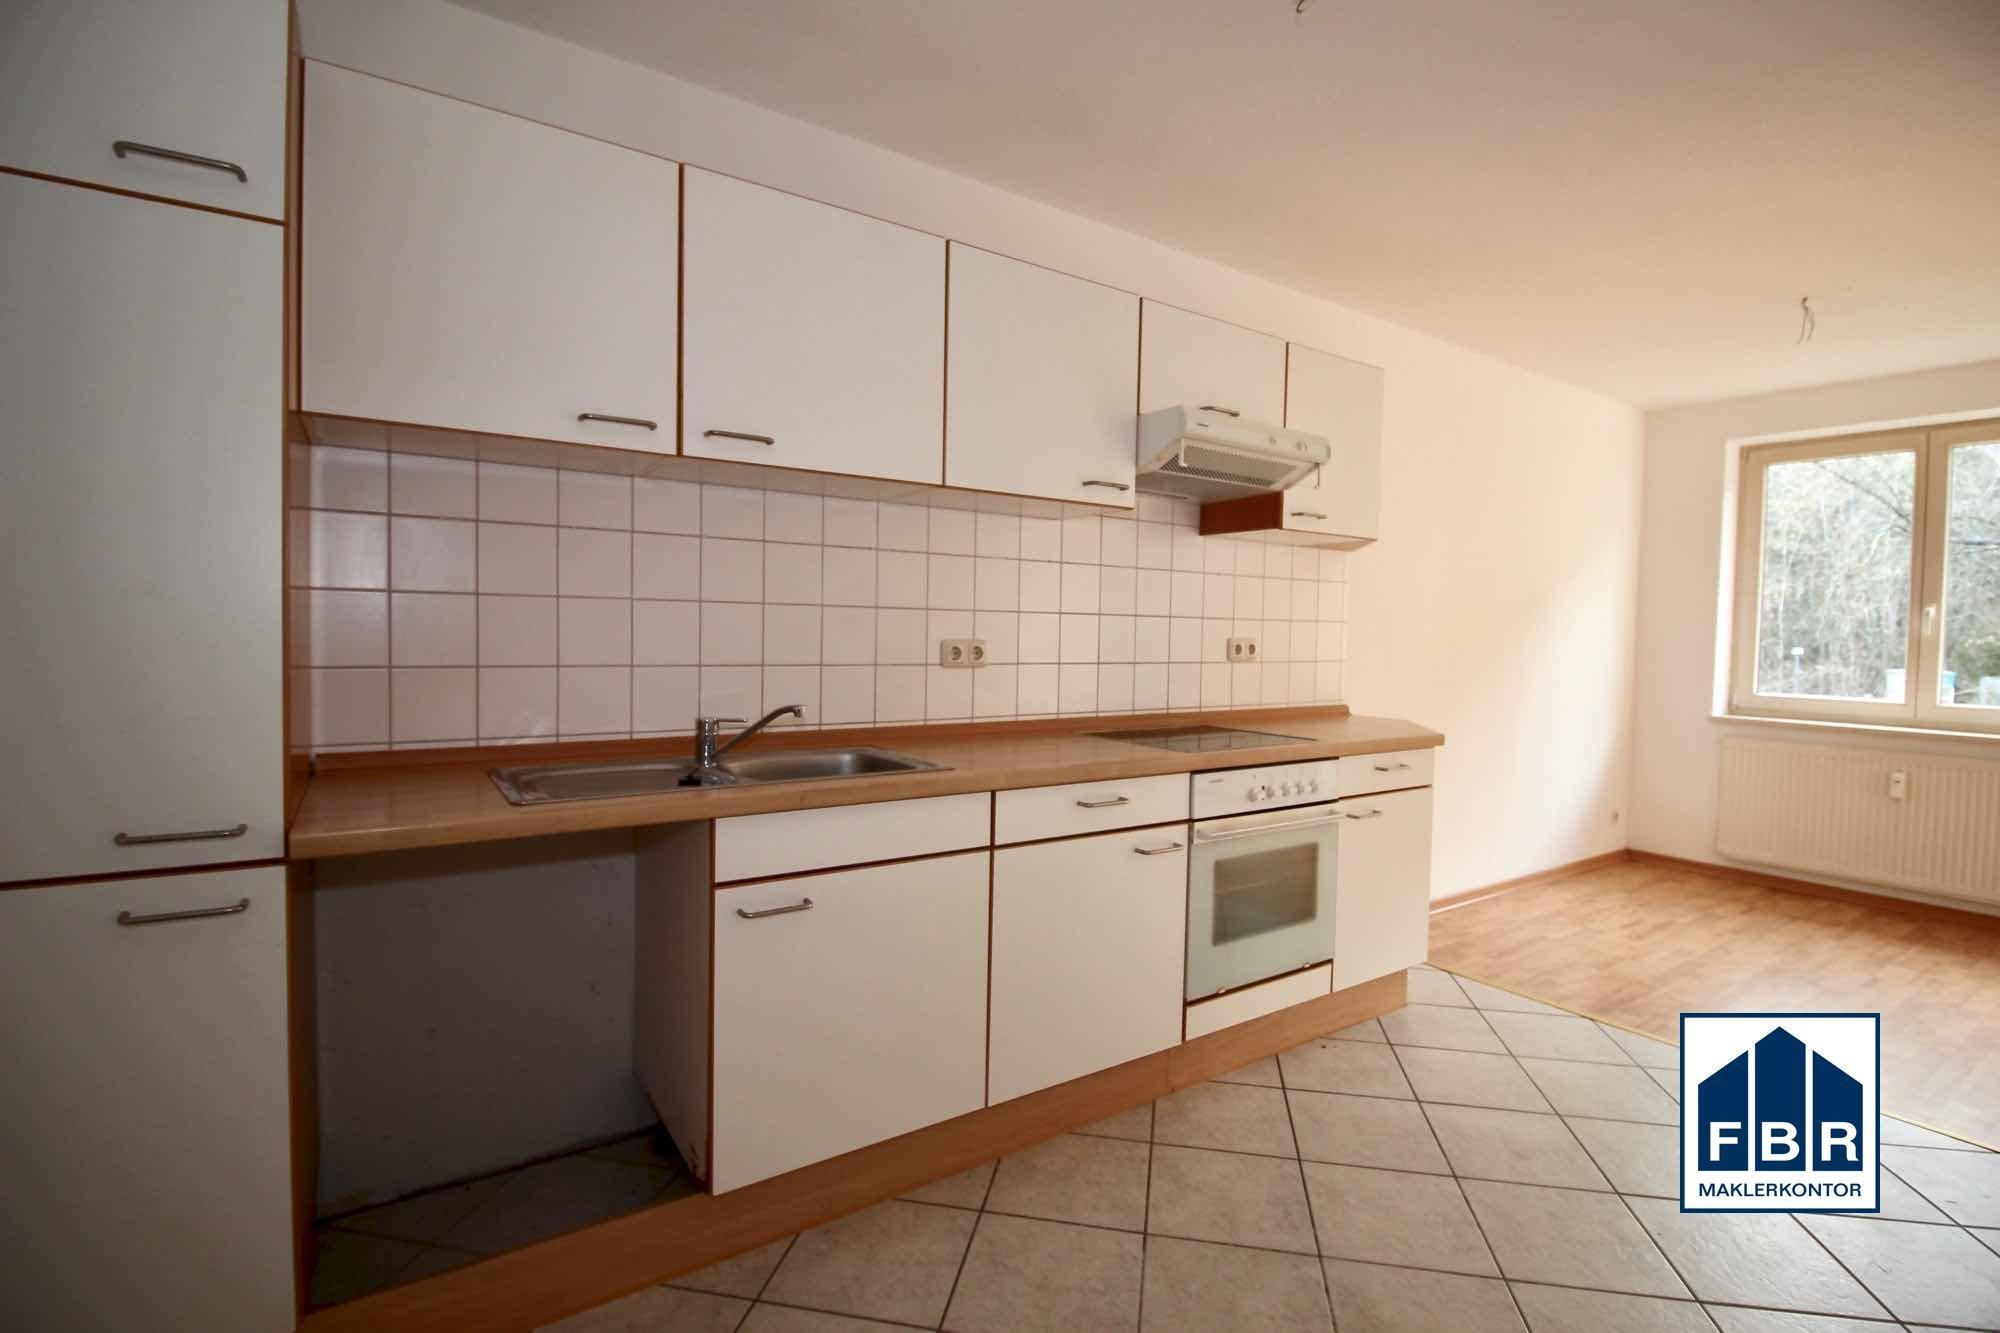 Küche am Wohnzimmer